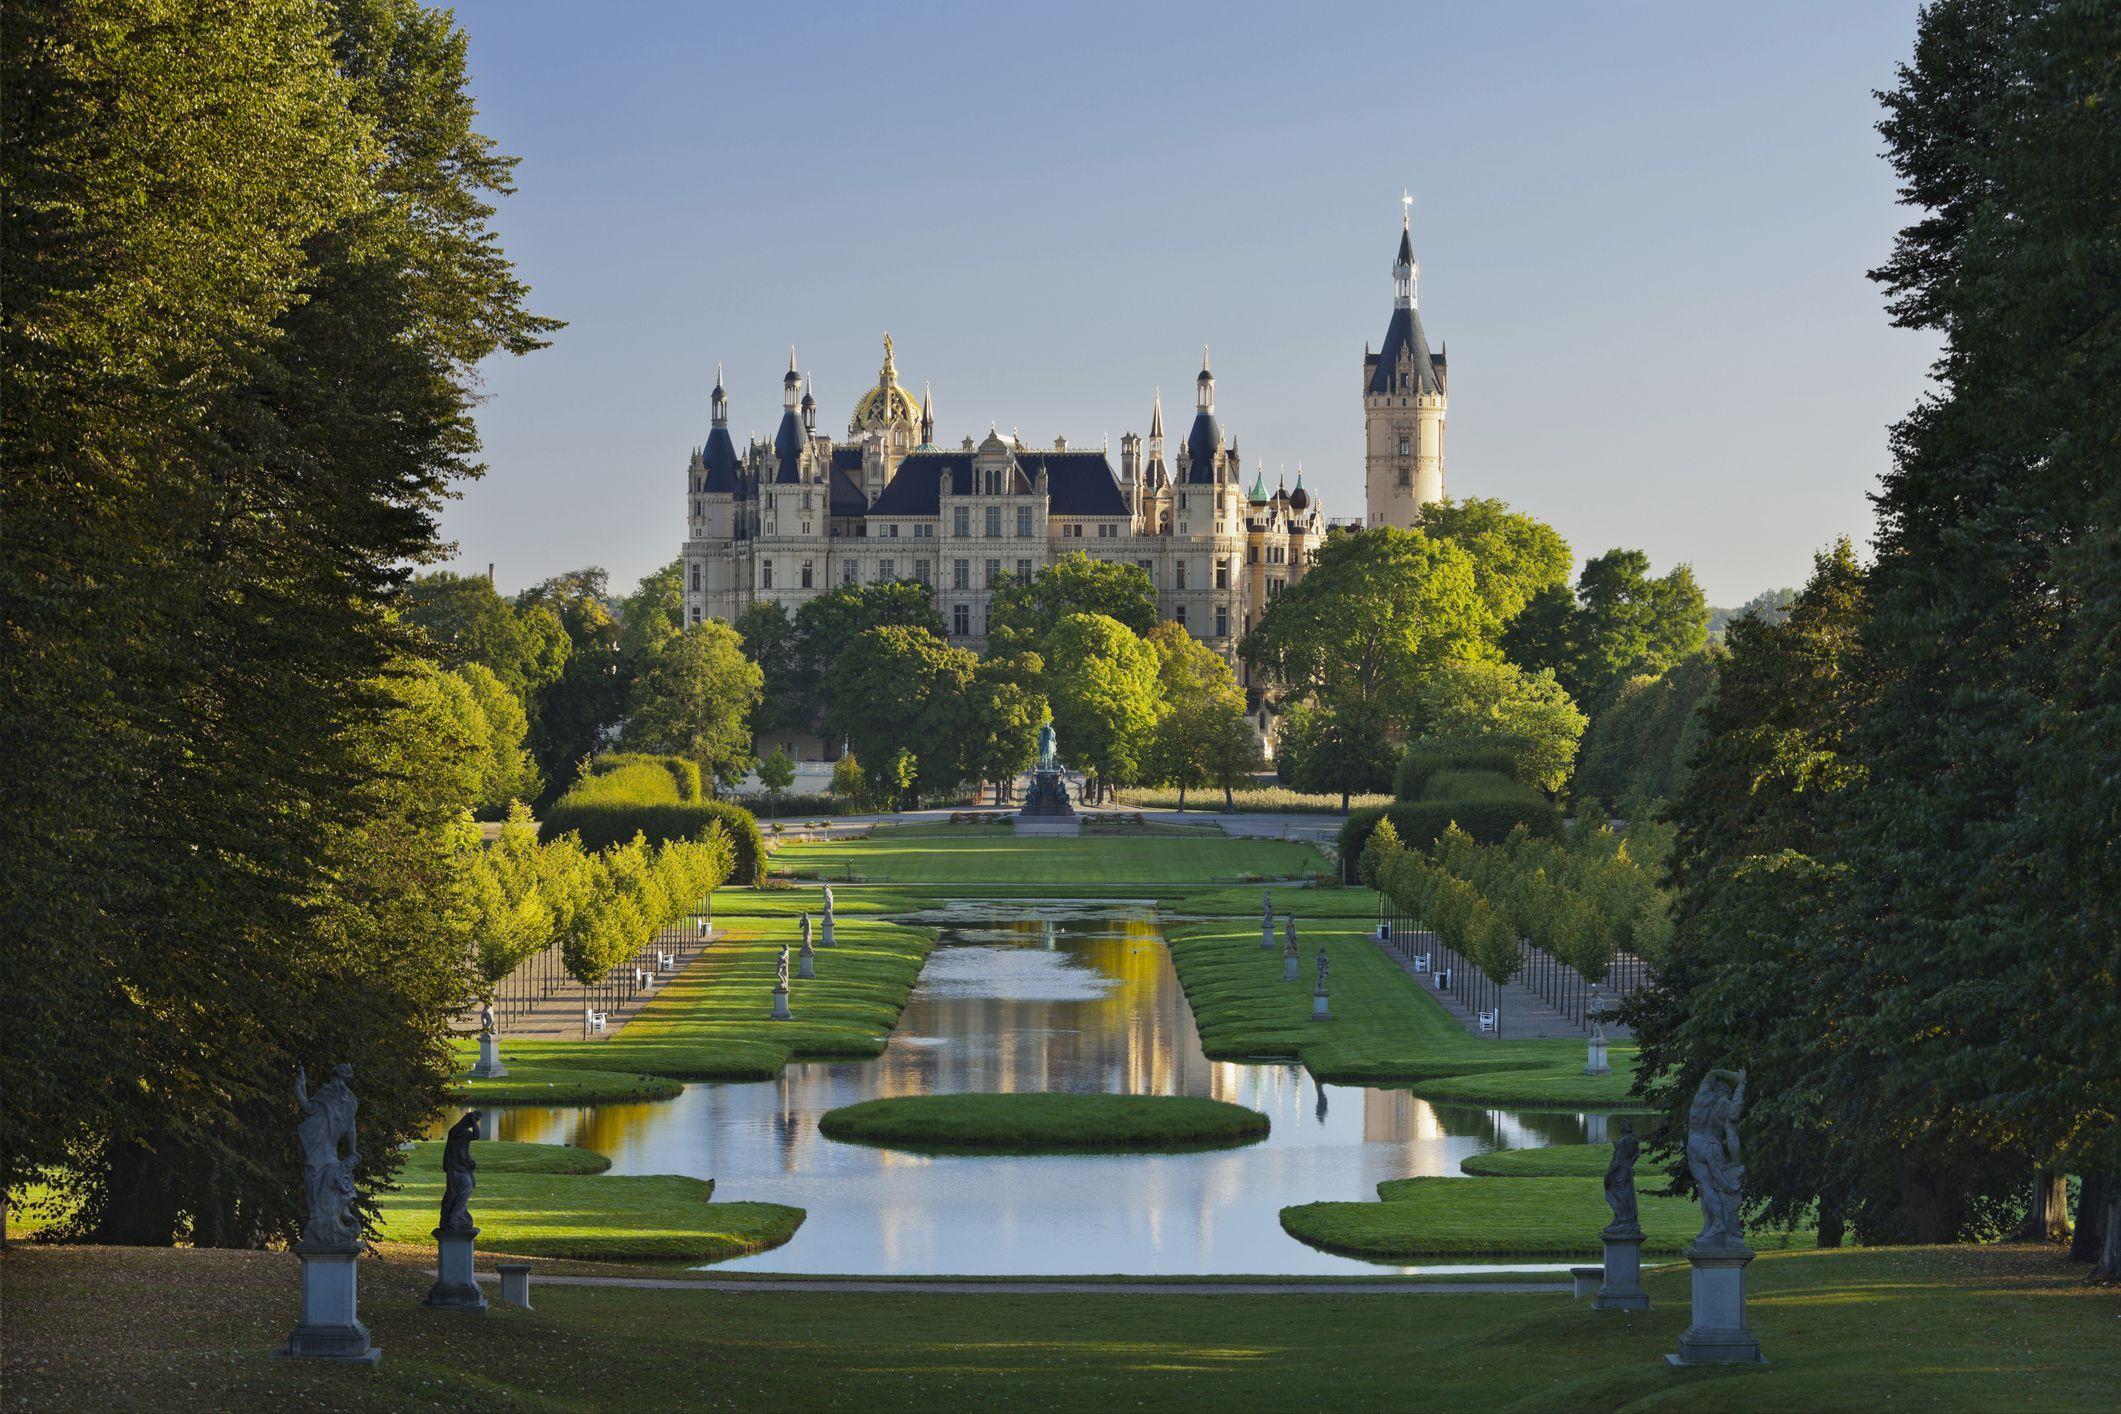 Schwerin castle, Schlossinsel, Schwerin, Innensee, Mecklenburg-Vorpommern, Germany